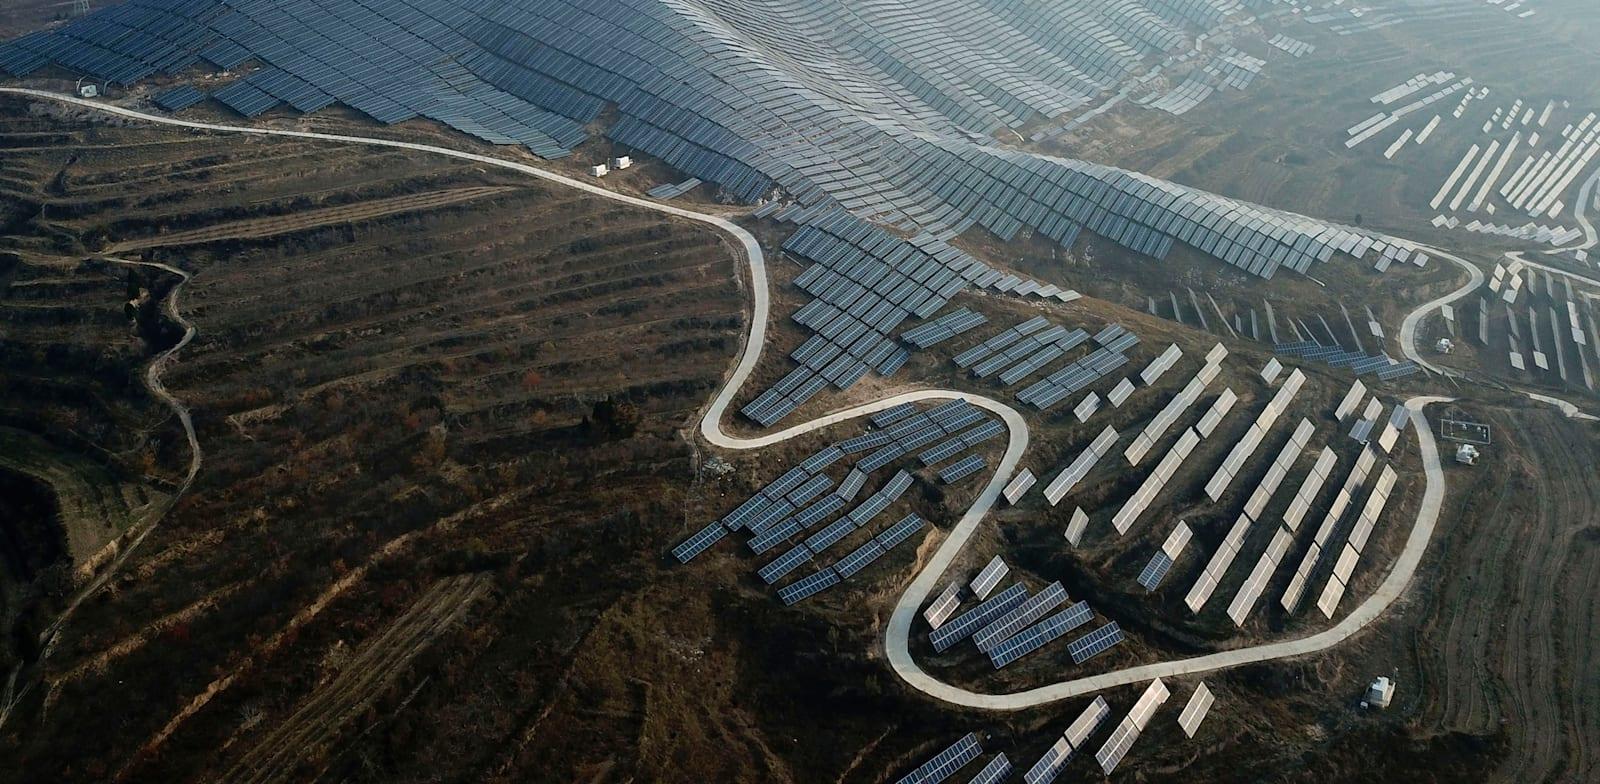 שדה סולארי במחוז שאנקסי שבמרכז סין / צילום: Associated Press, Sam McNeil